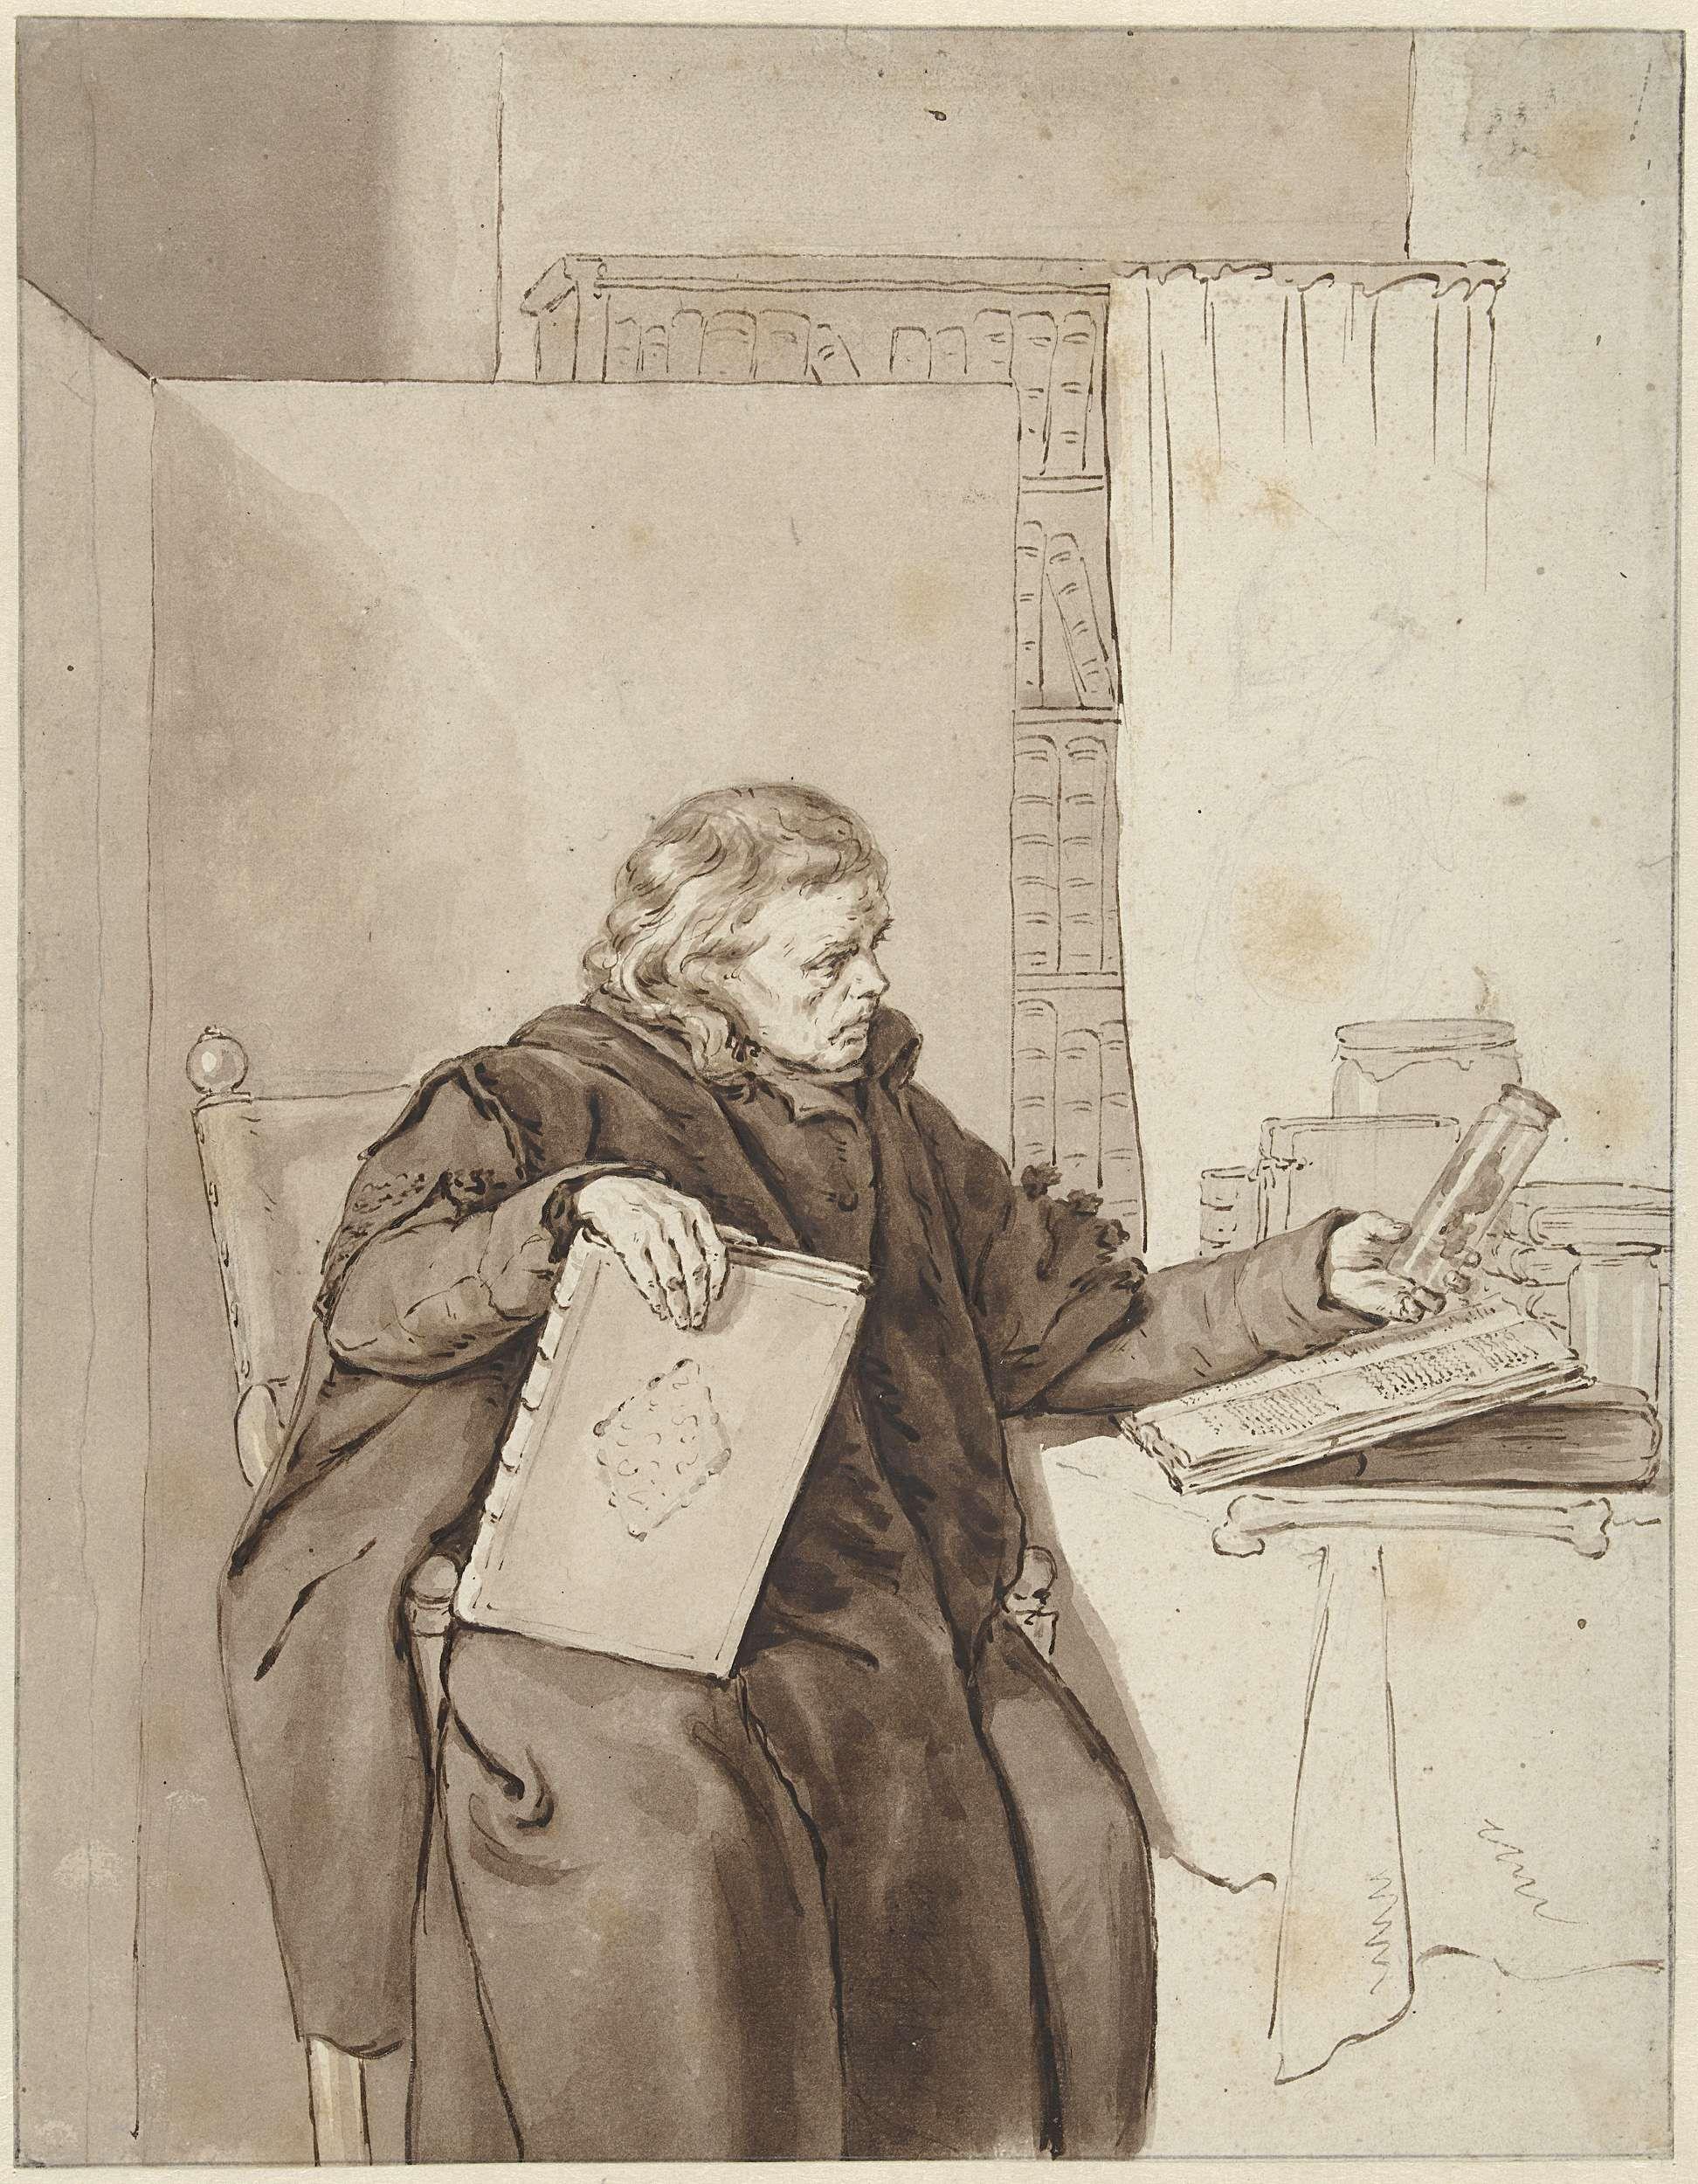 Abraham van Strij (I) | Portret van een oude man in een studeervertrek, Abraham van Strij (I), 1763 - 1826 | Portret van een oude man in een studeervertrek; in de rechterhand een boek, in de linkerhand een fles met een anatomisch preparaat.